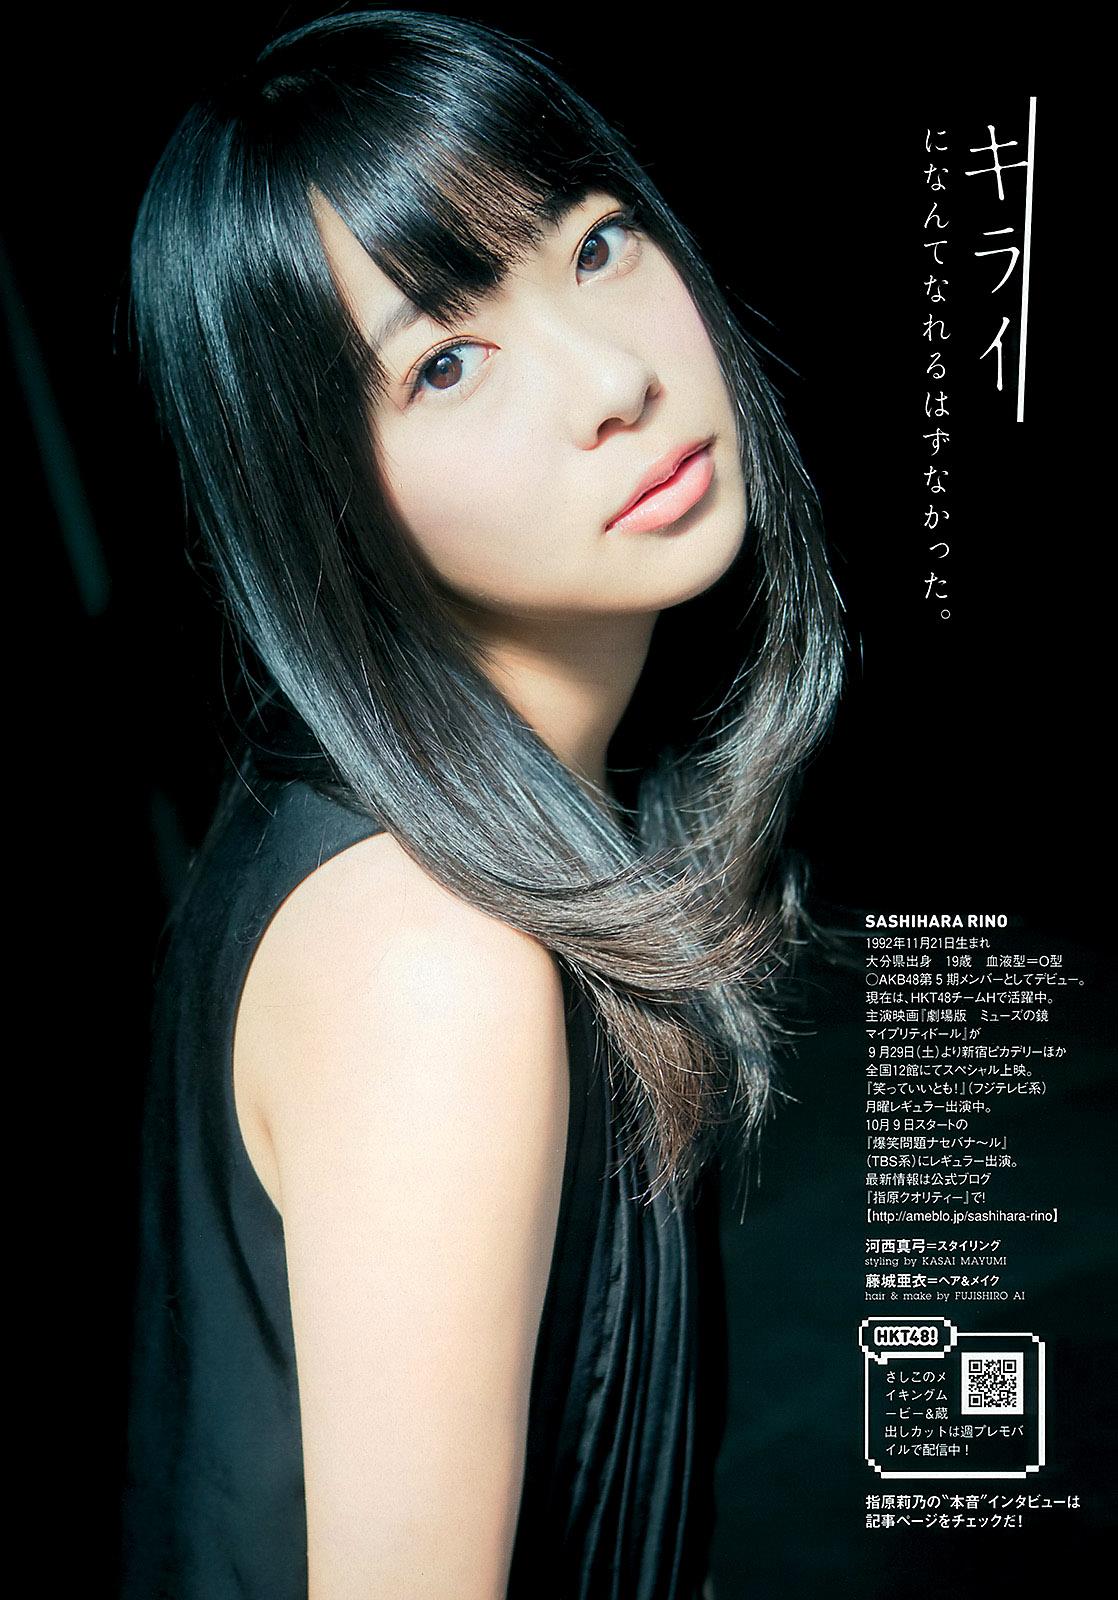 RSashihara WPB 121008 06.jpg